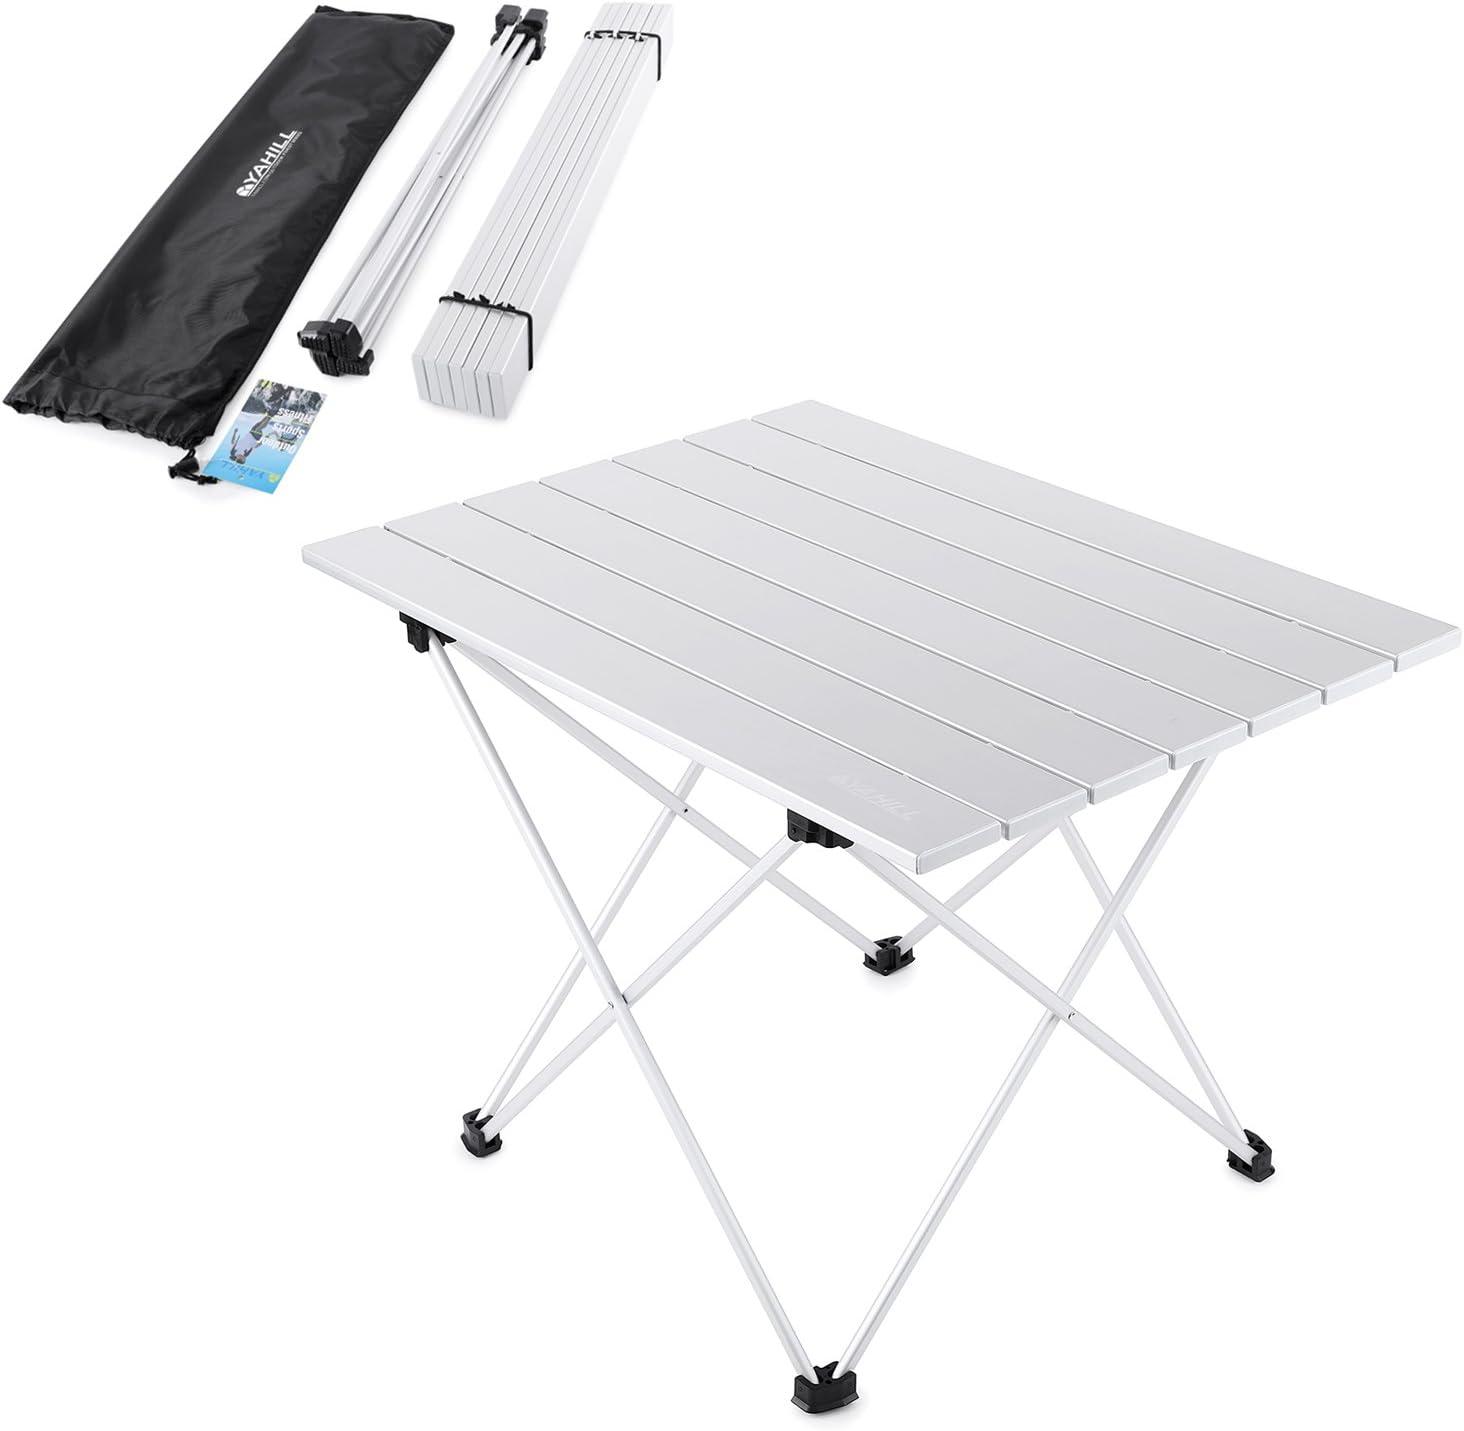 YAHILL Mesa Plegable Camping de Aluminio Mesa Playa de Acampar Enrollable de 3 tamaños con Bolso para cargarla para picnics Dentro y Fuera, Playa, Senderismo, Viajes, Pesca